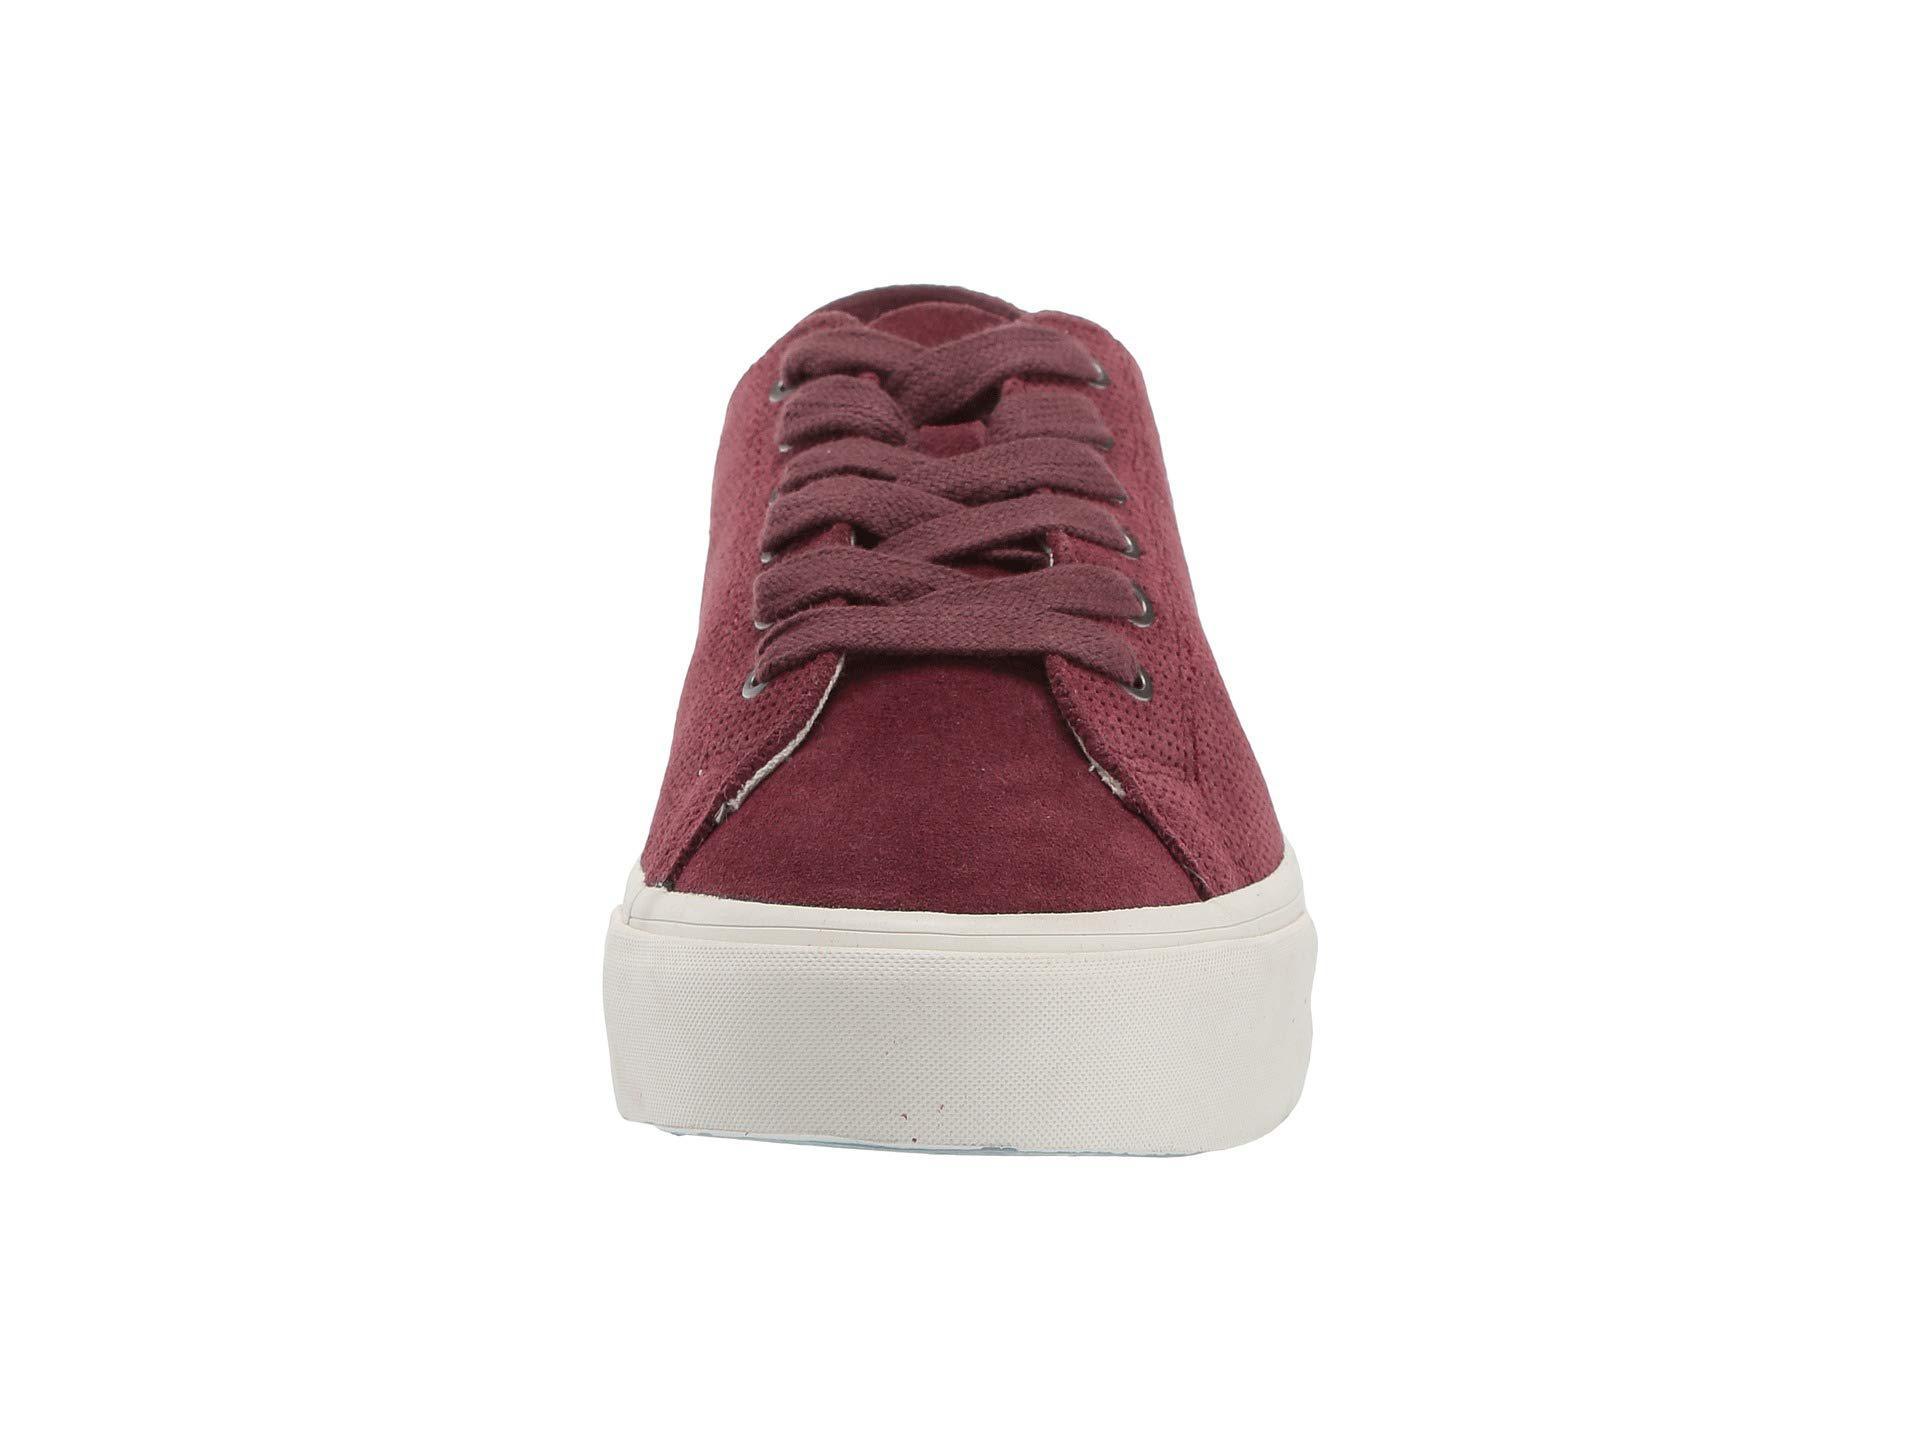 nurture shoes at zappos